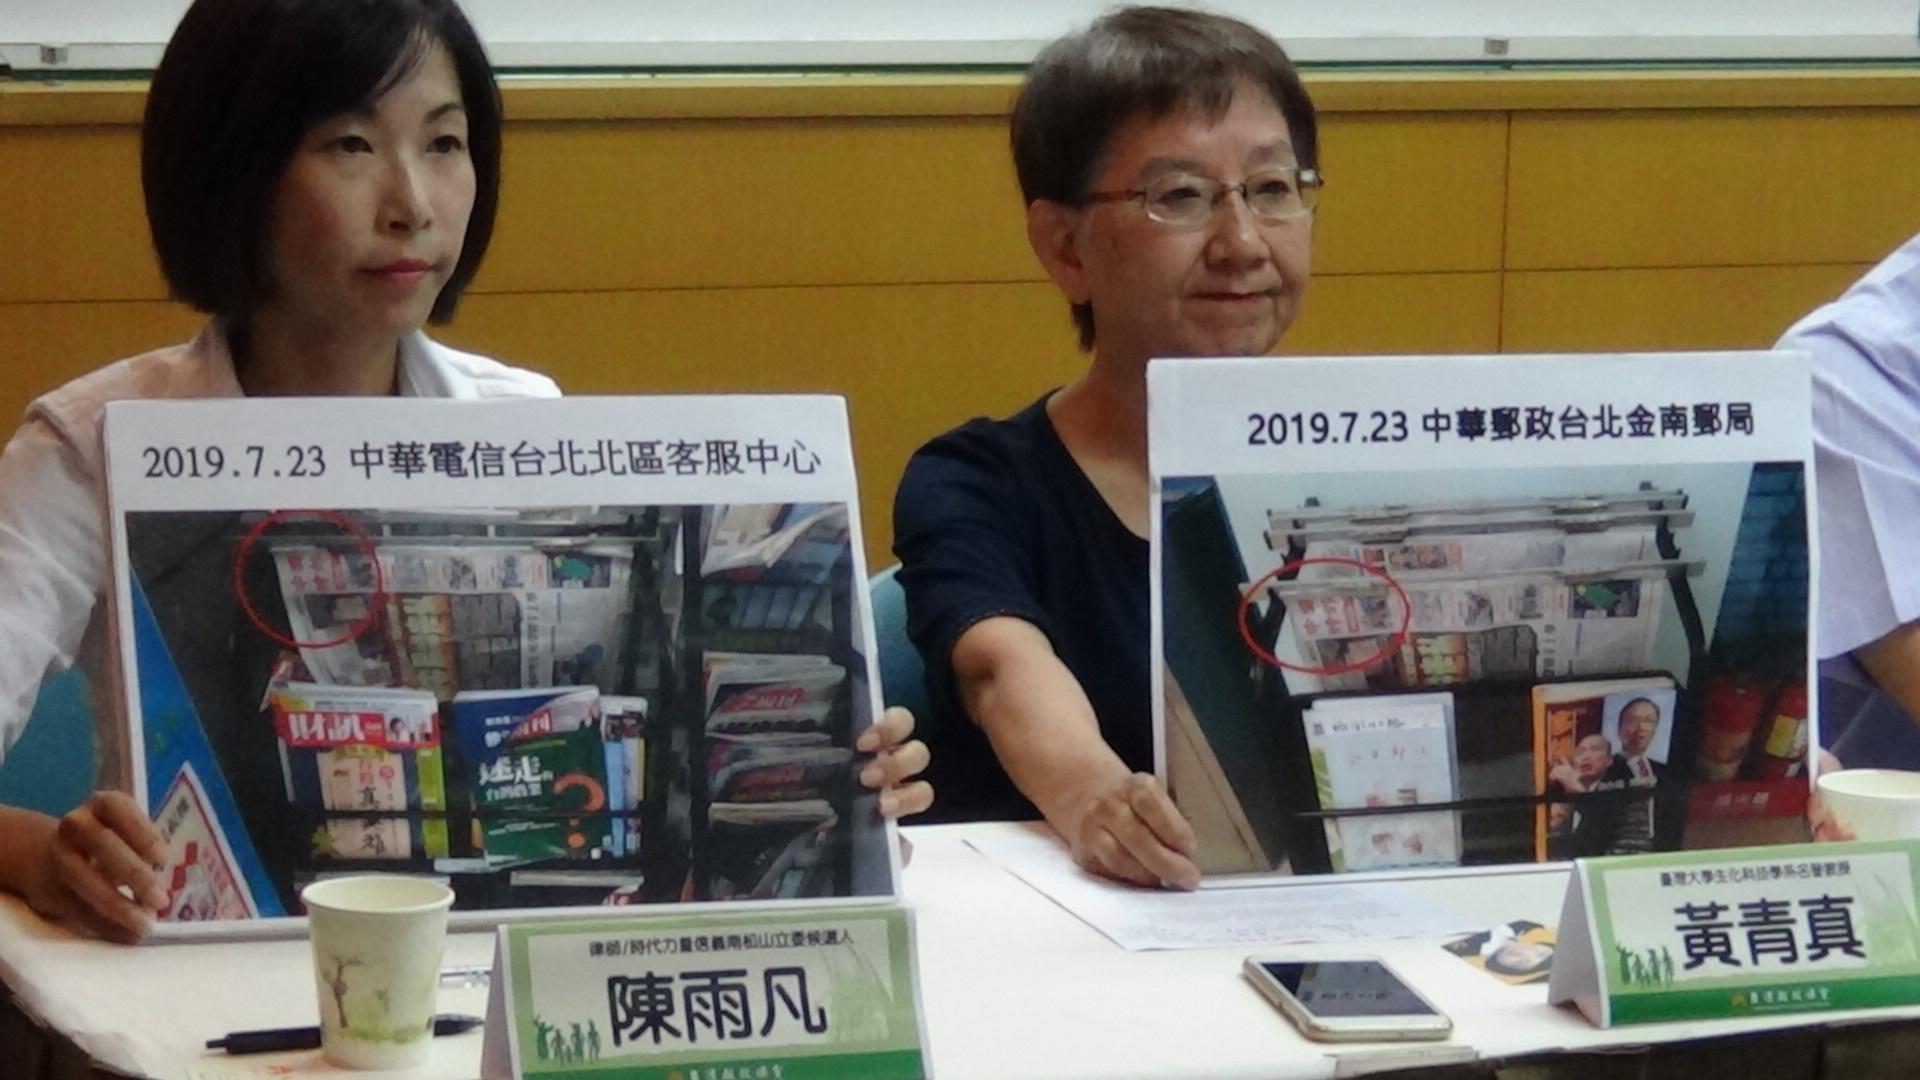 台湾教授协会实地拍摄公部门订阅《中国时报》普及率高。(记者夏小华摄)